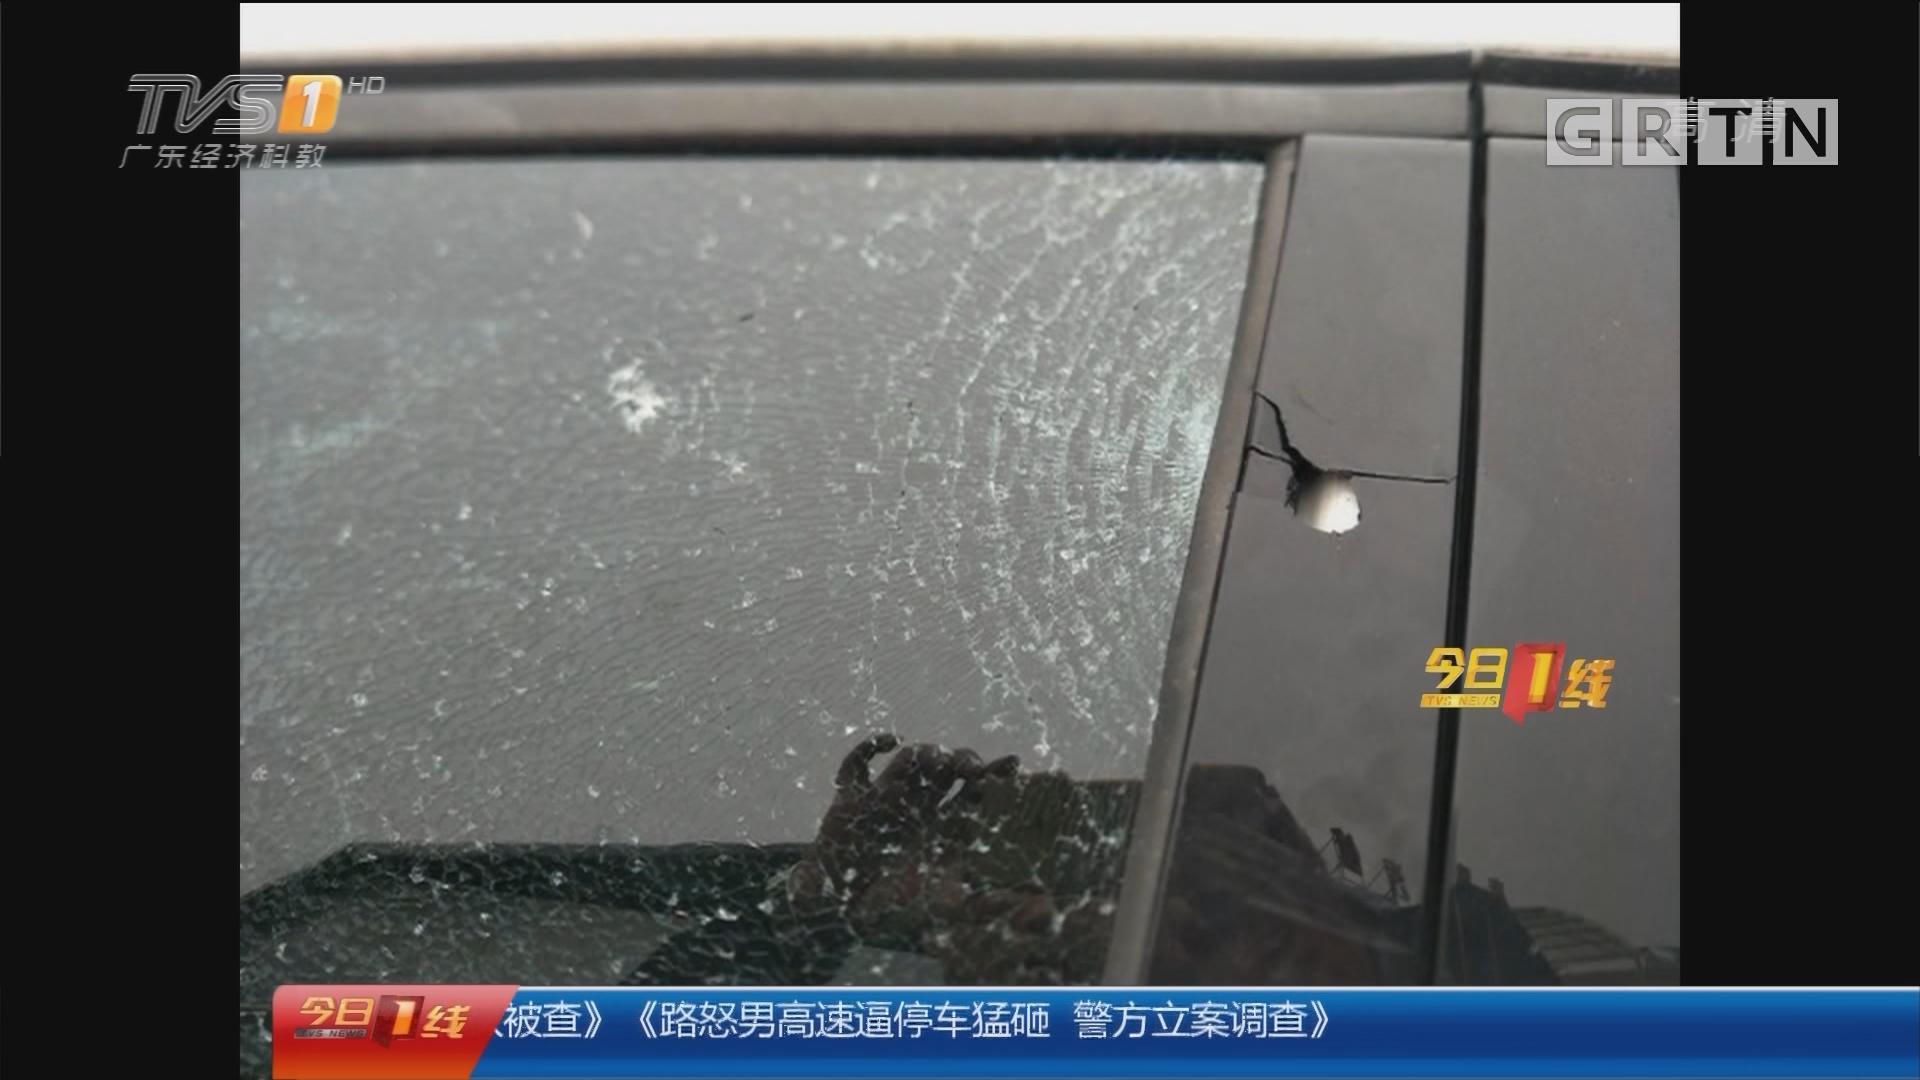 重庆:路怒男高速逼停车猛砸 警方立案调查